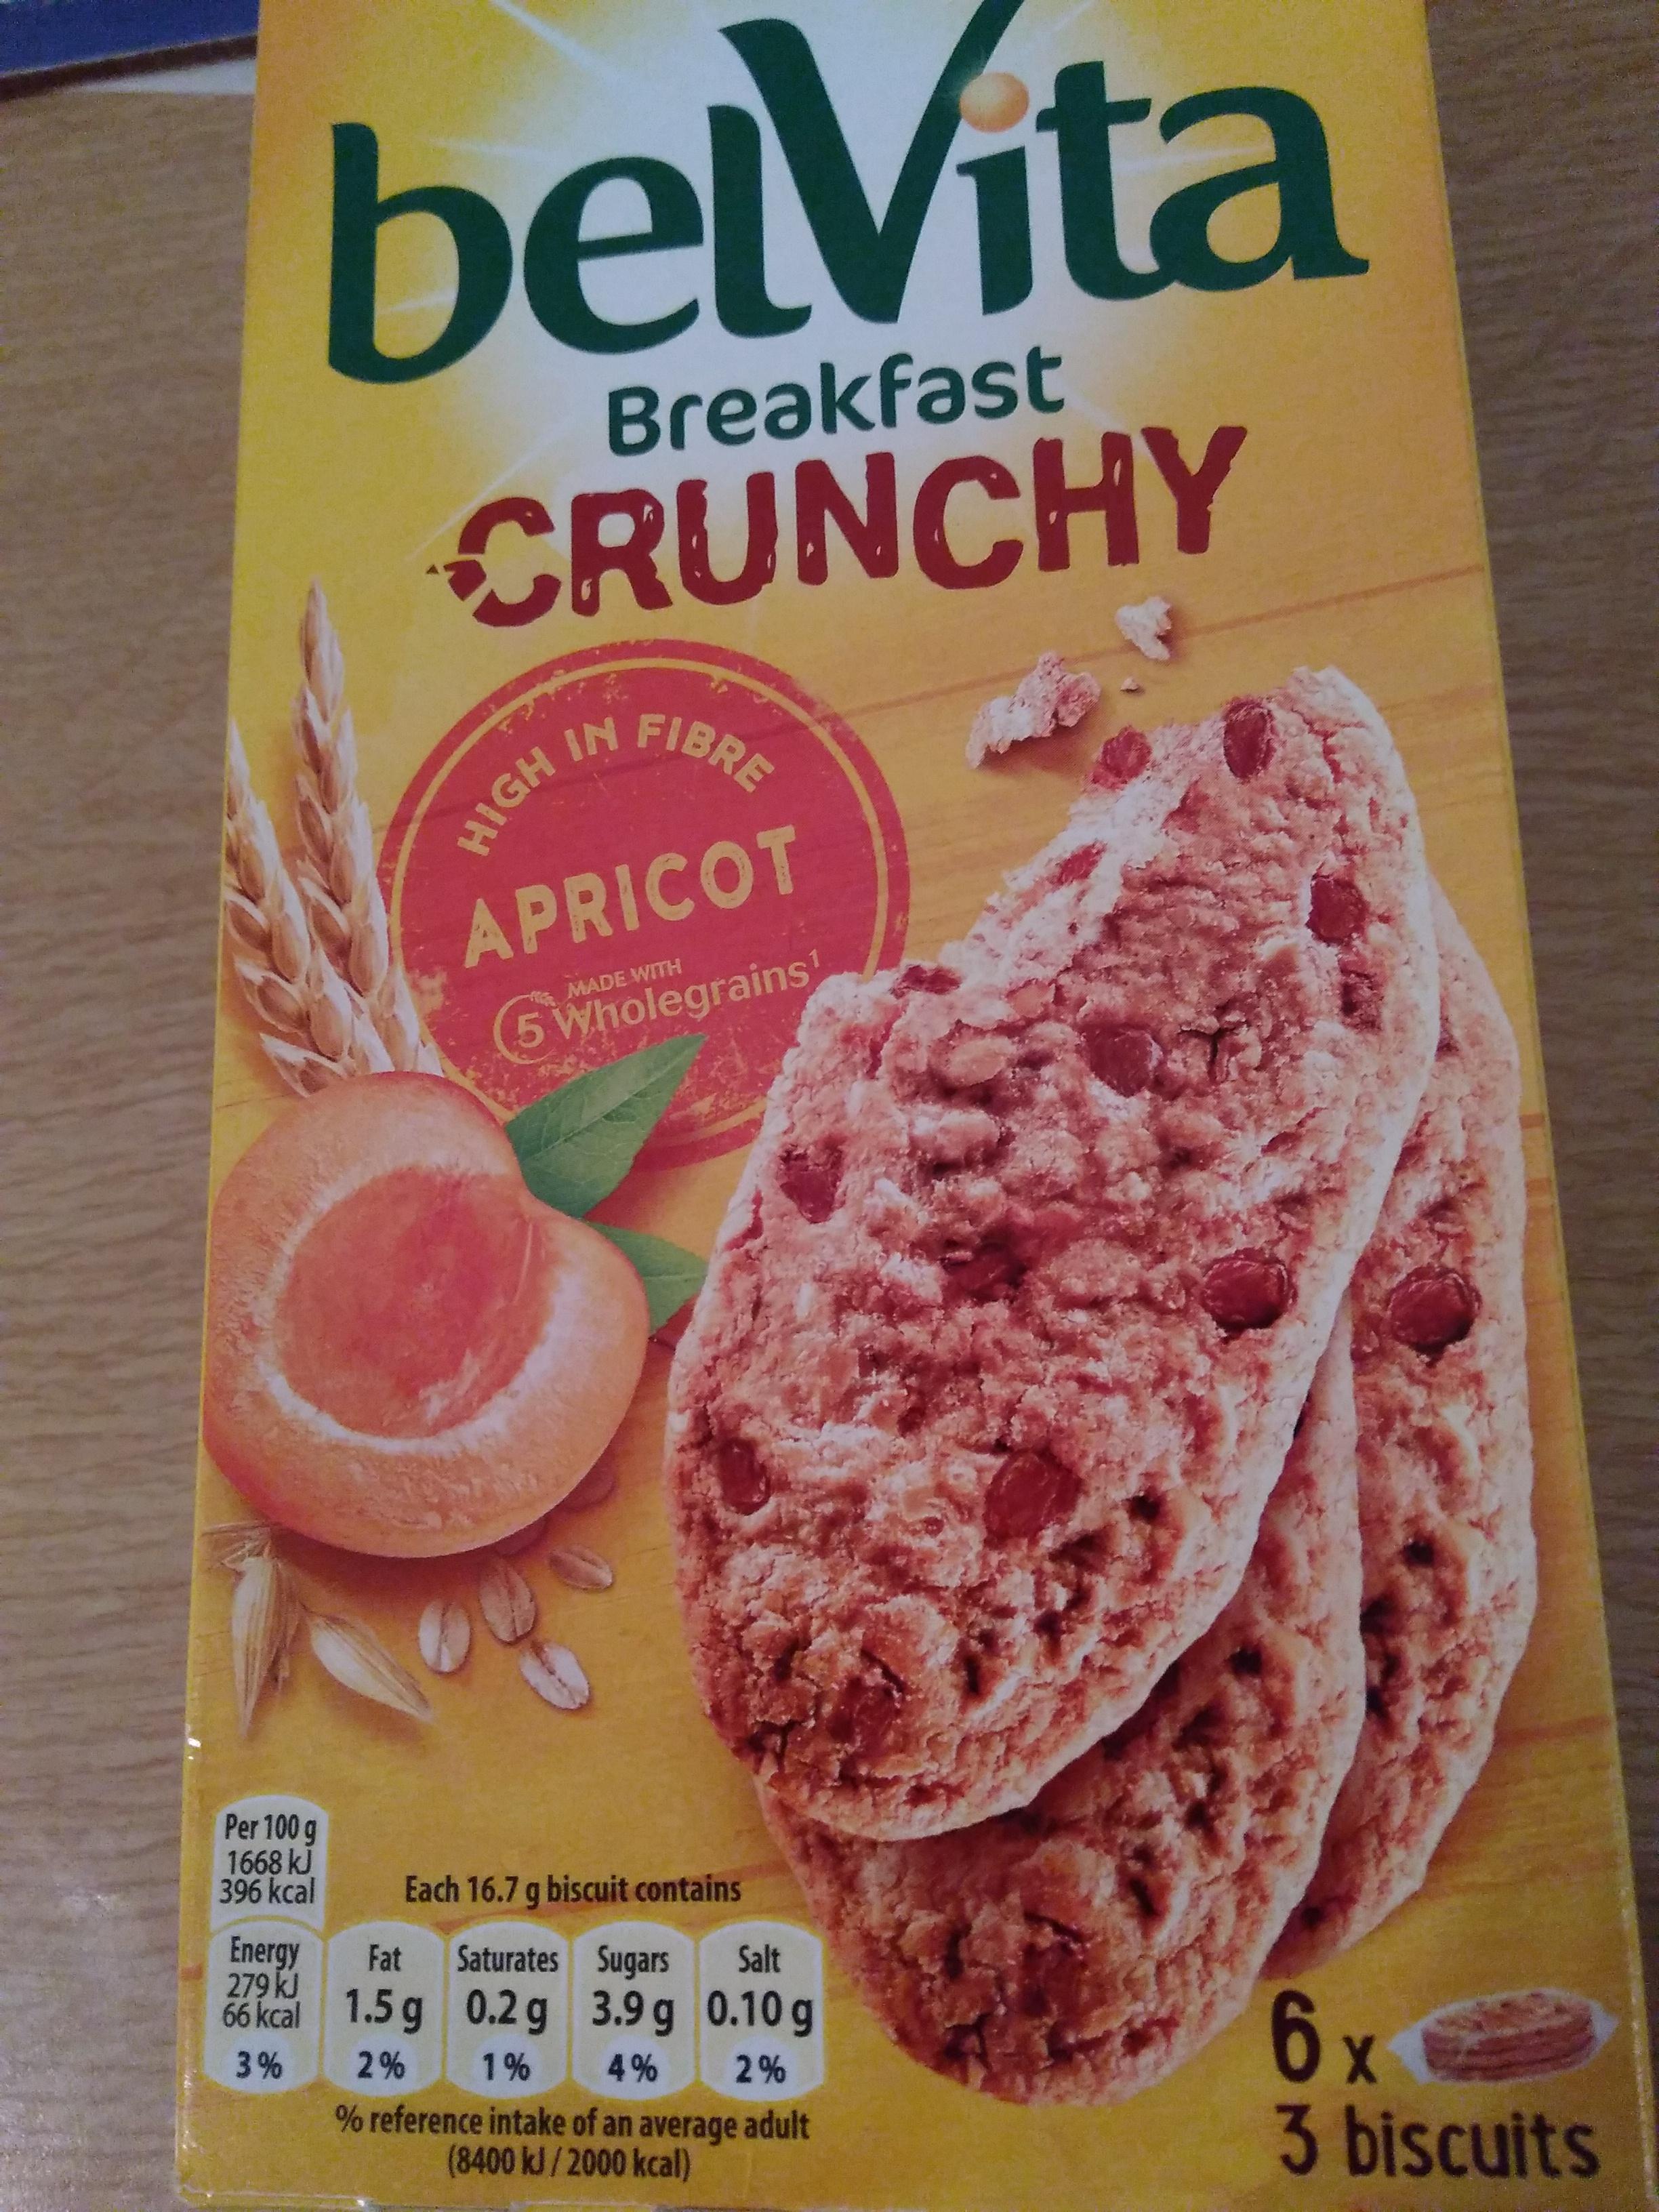 Belvita Crunchy 6 x 3 Biscuits 99p in Heron Foods